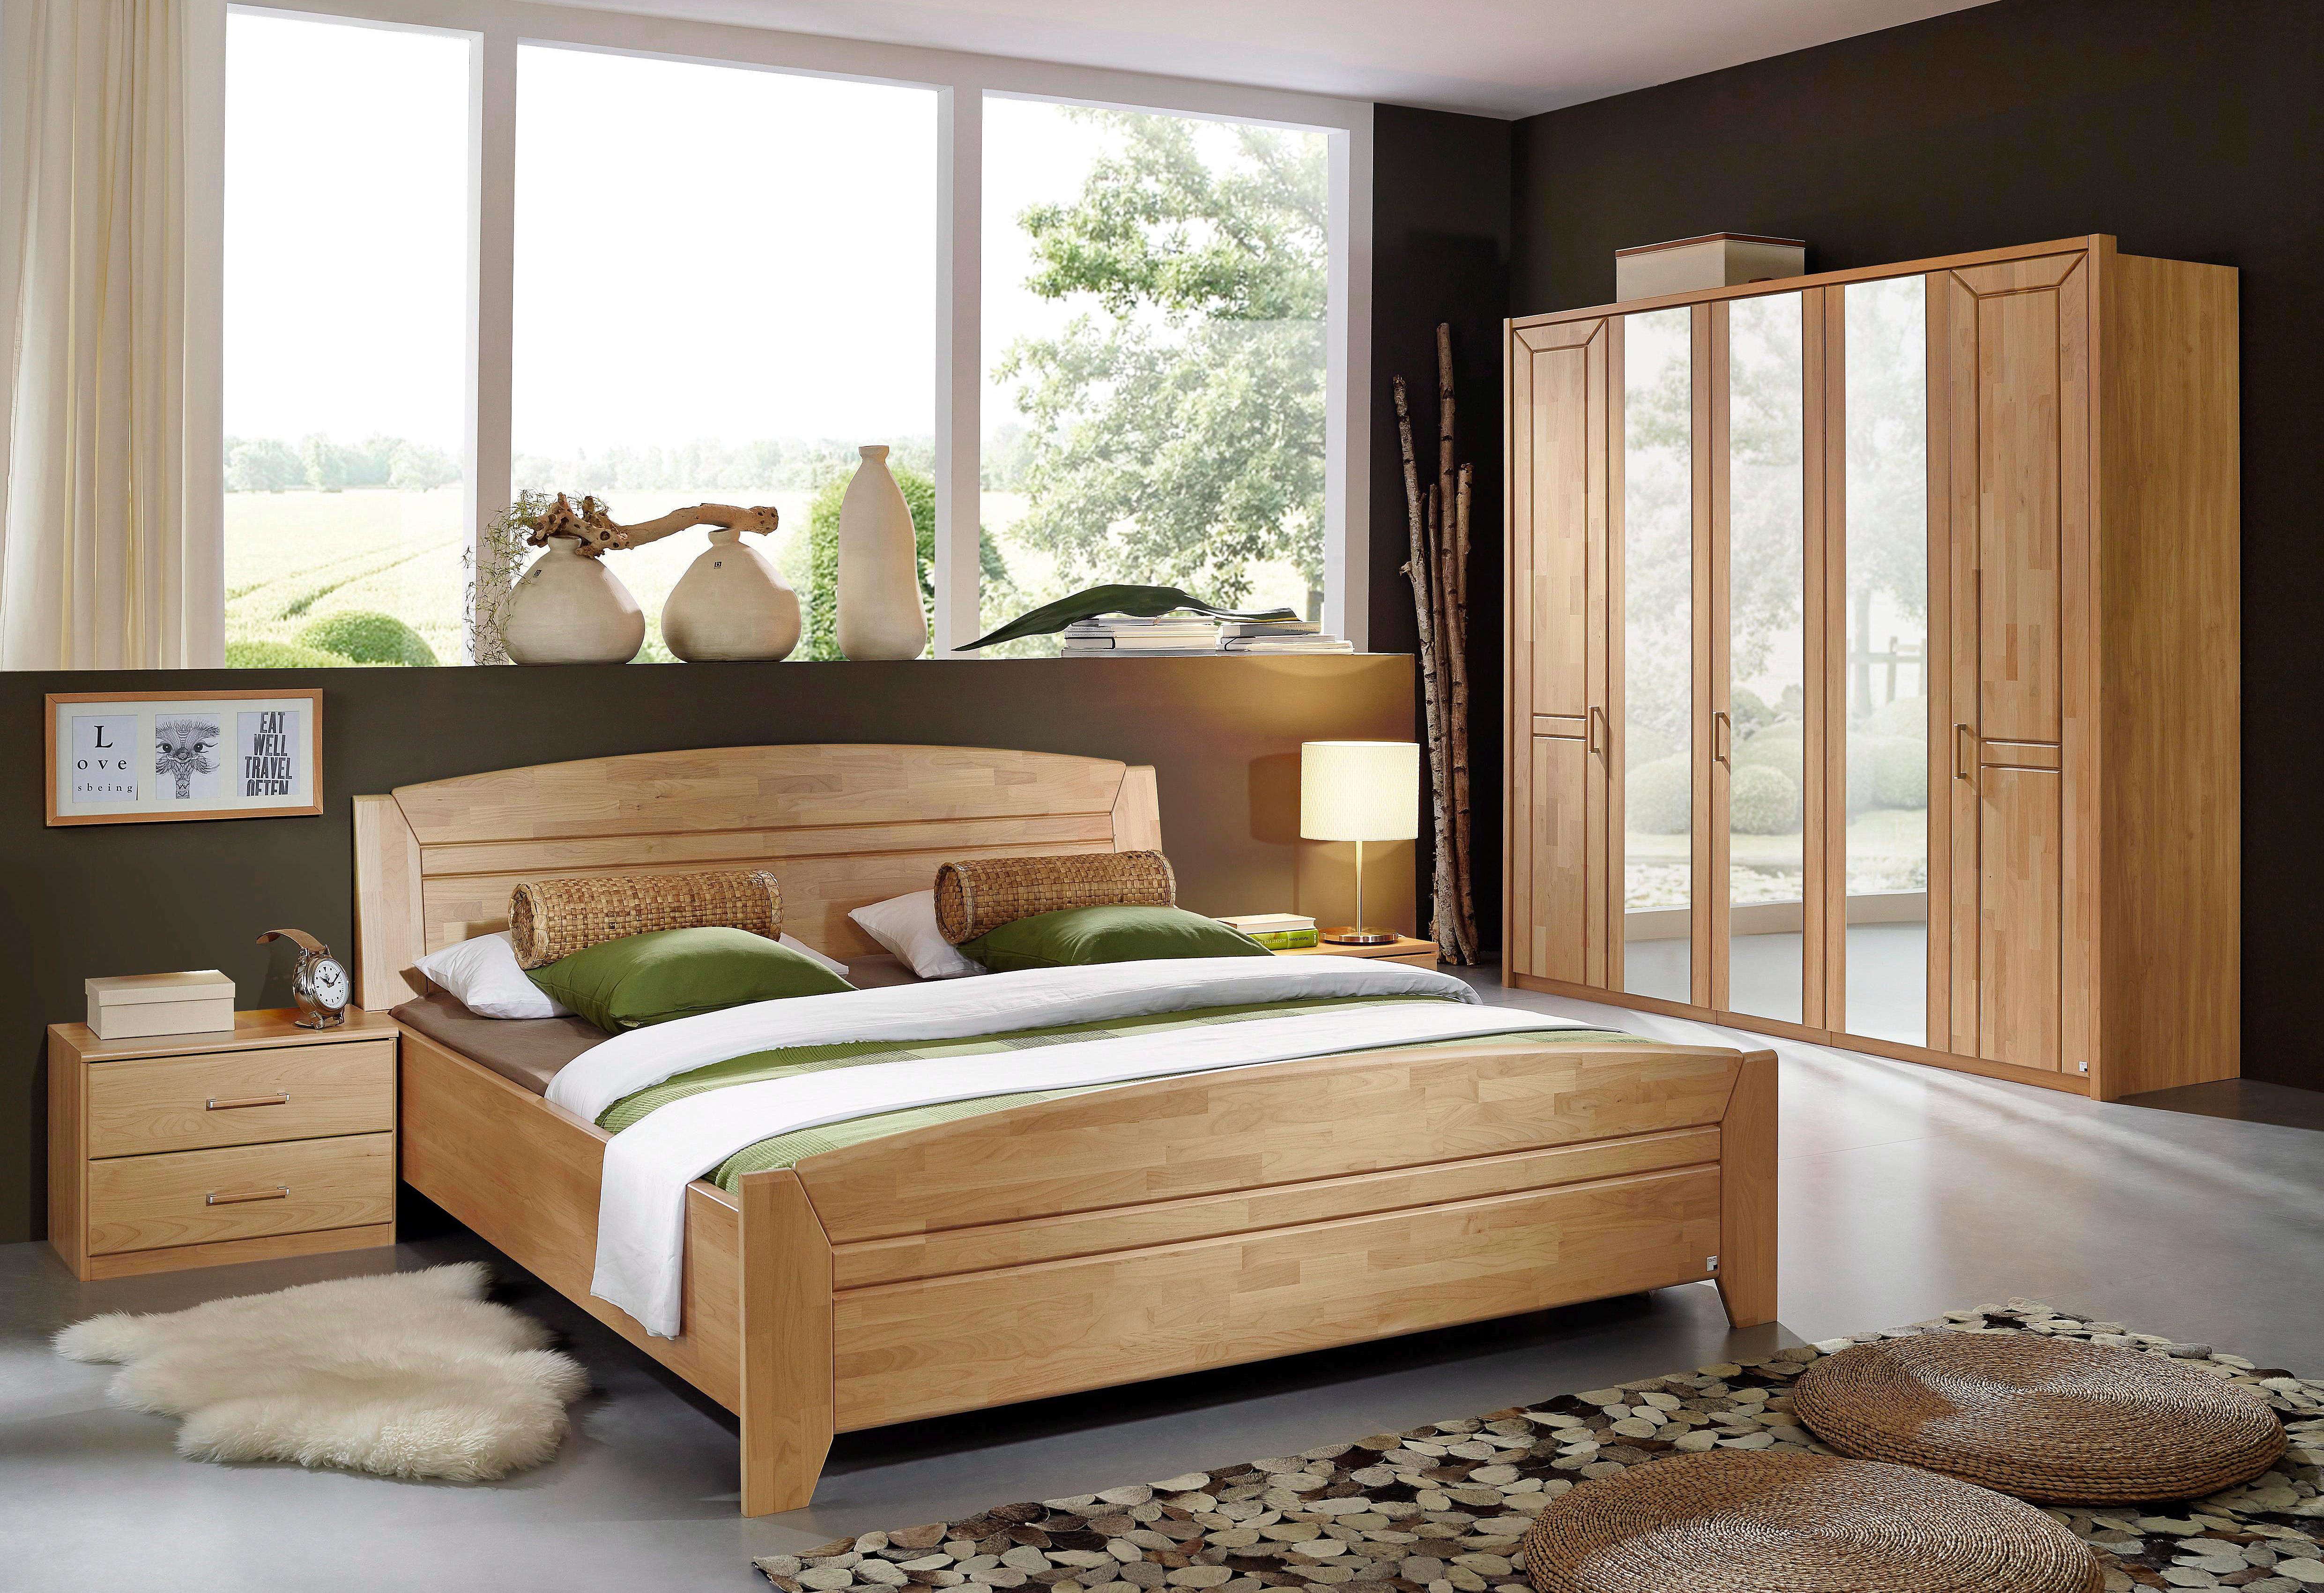 rauch Schlafzimmer-Set (Set, 4-tlg) bestellen | BAUR